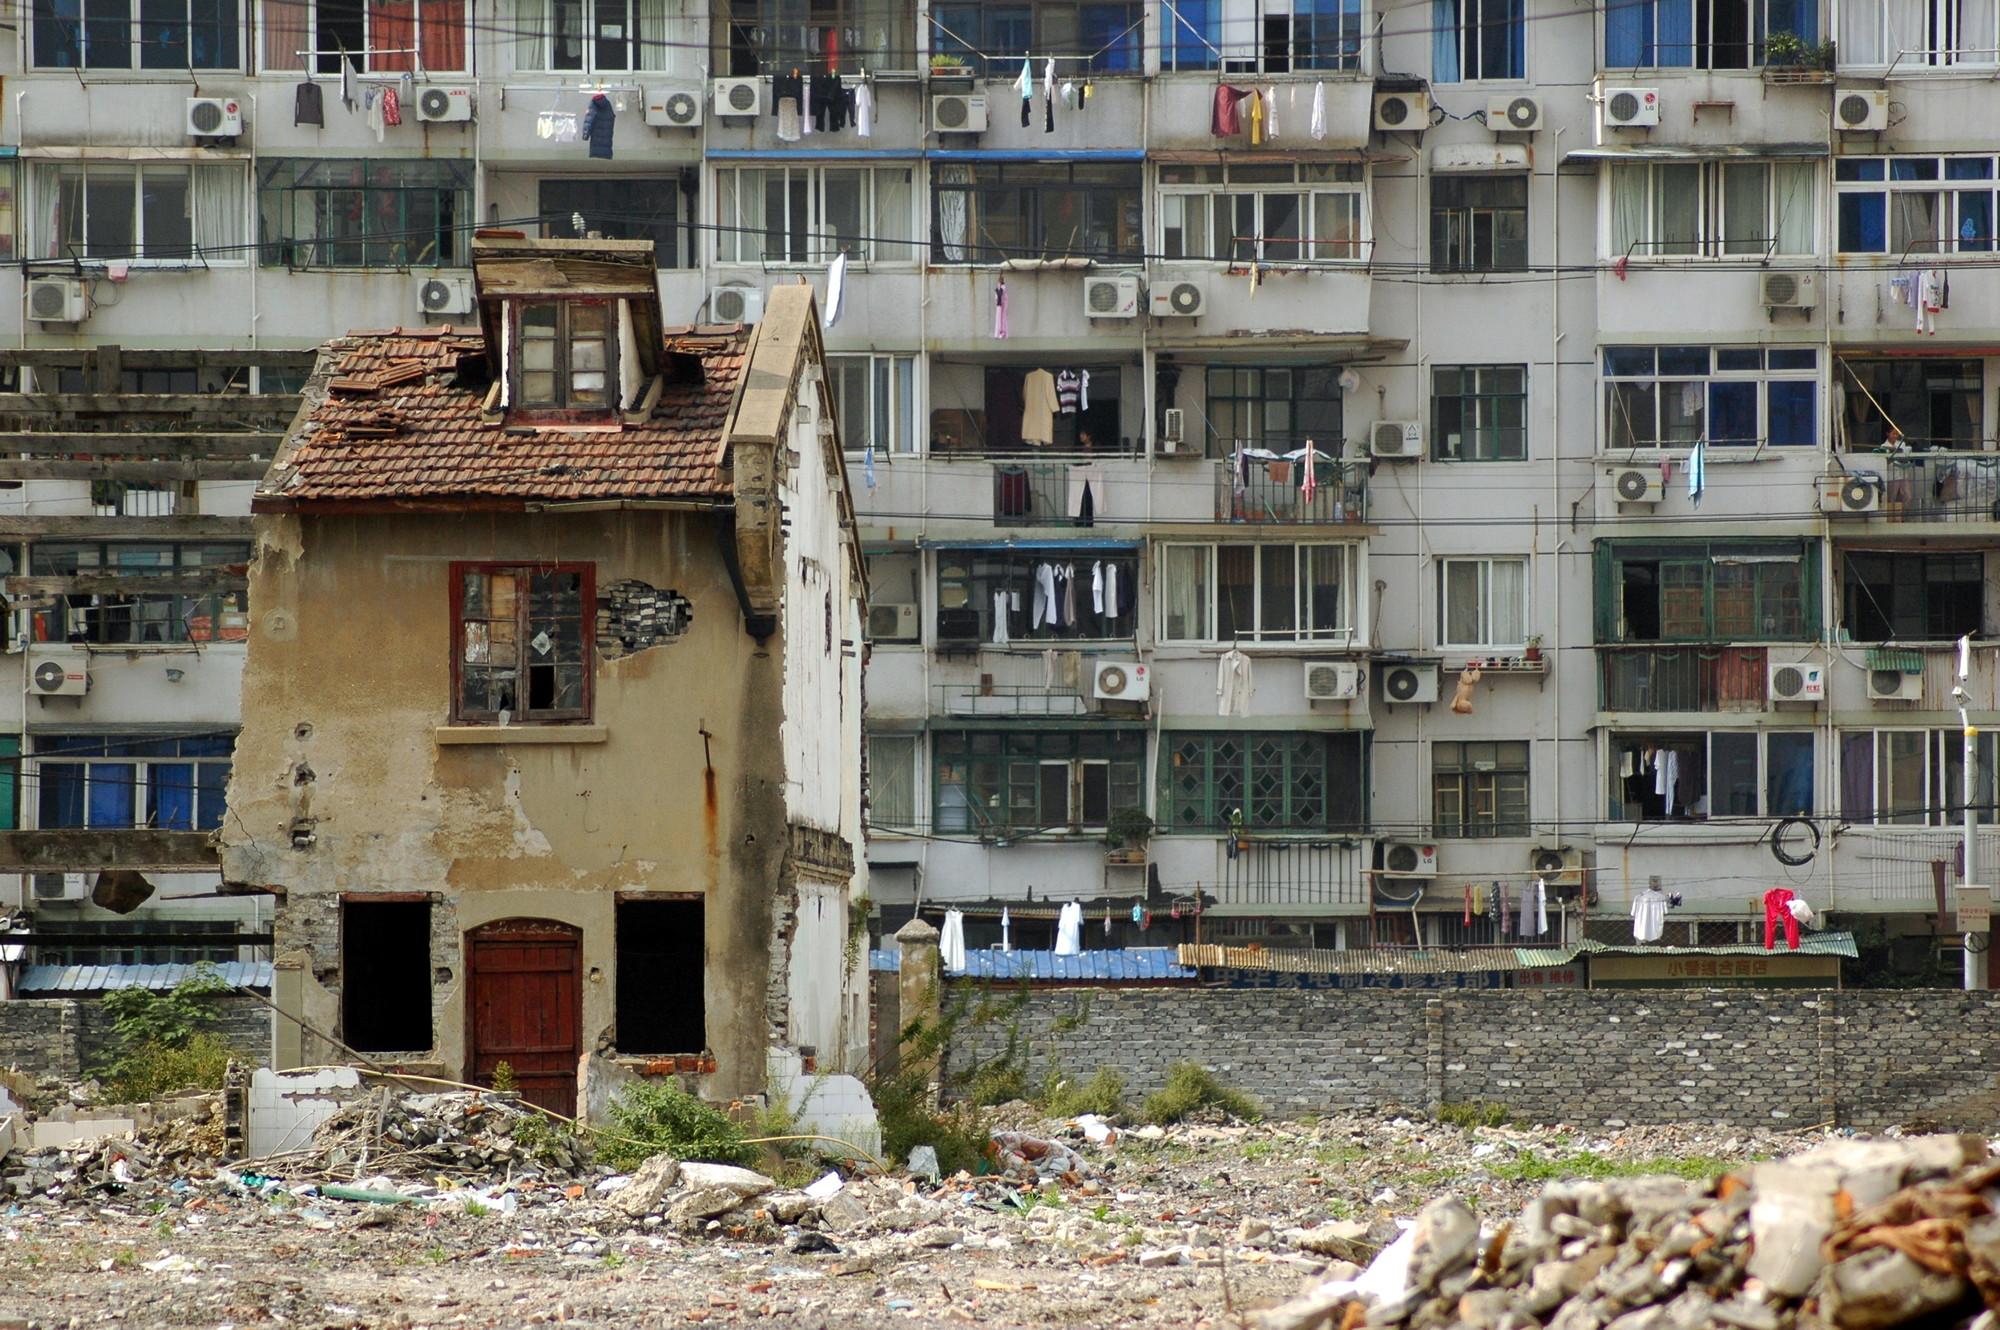 Casa clavo, la resistencia china a la expulsión inmobiliaria, Shanghái. Image © triplefivedrew (Flickr)